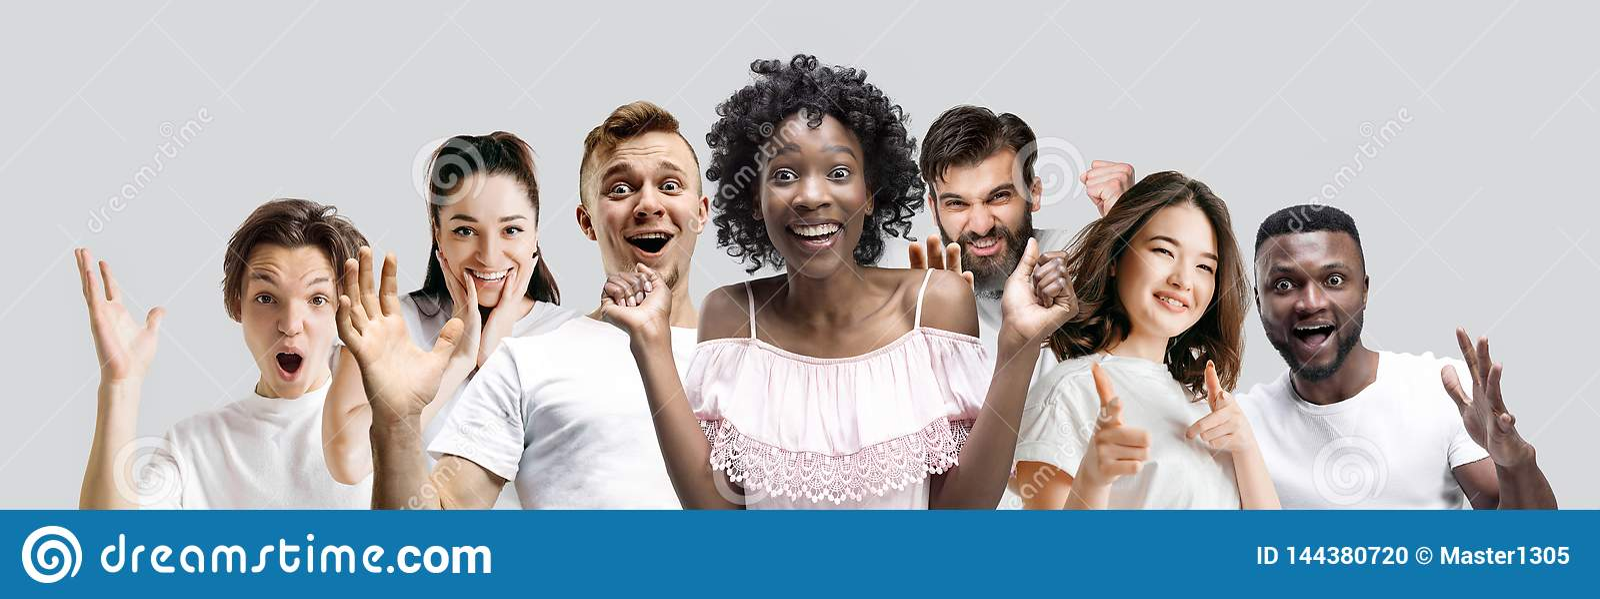 Die Collage von Gesichtern von überraschten Leuten auf weißen Hintergründen